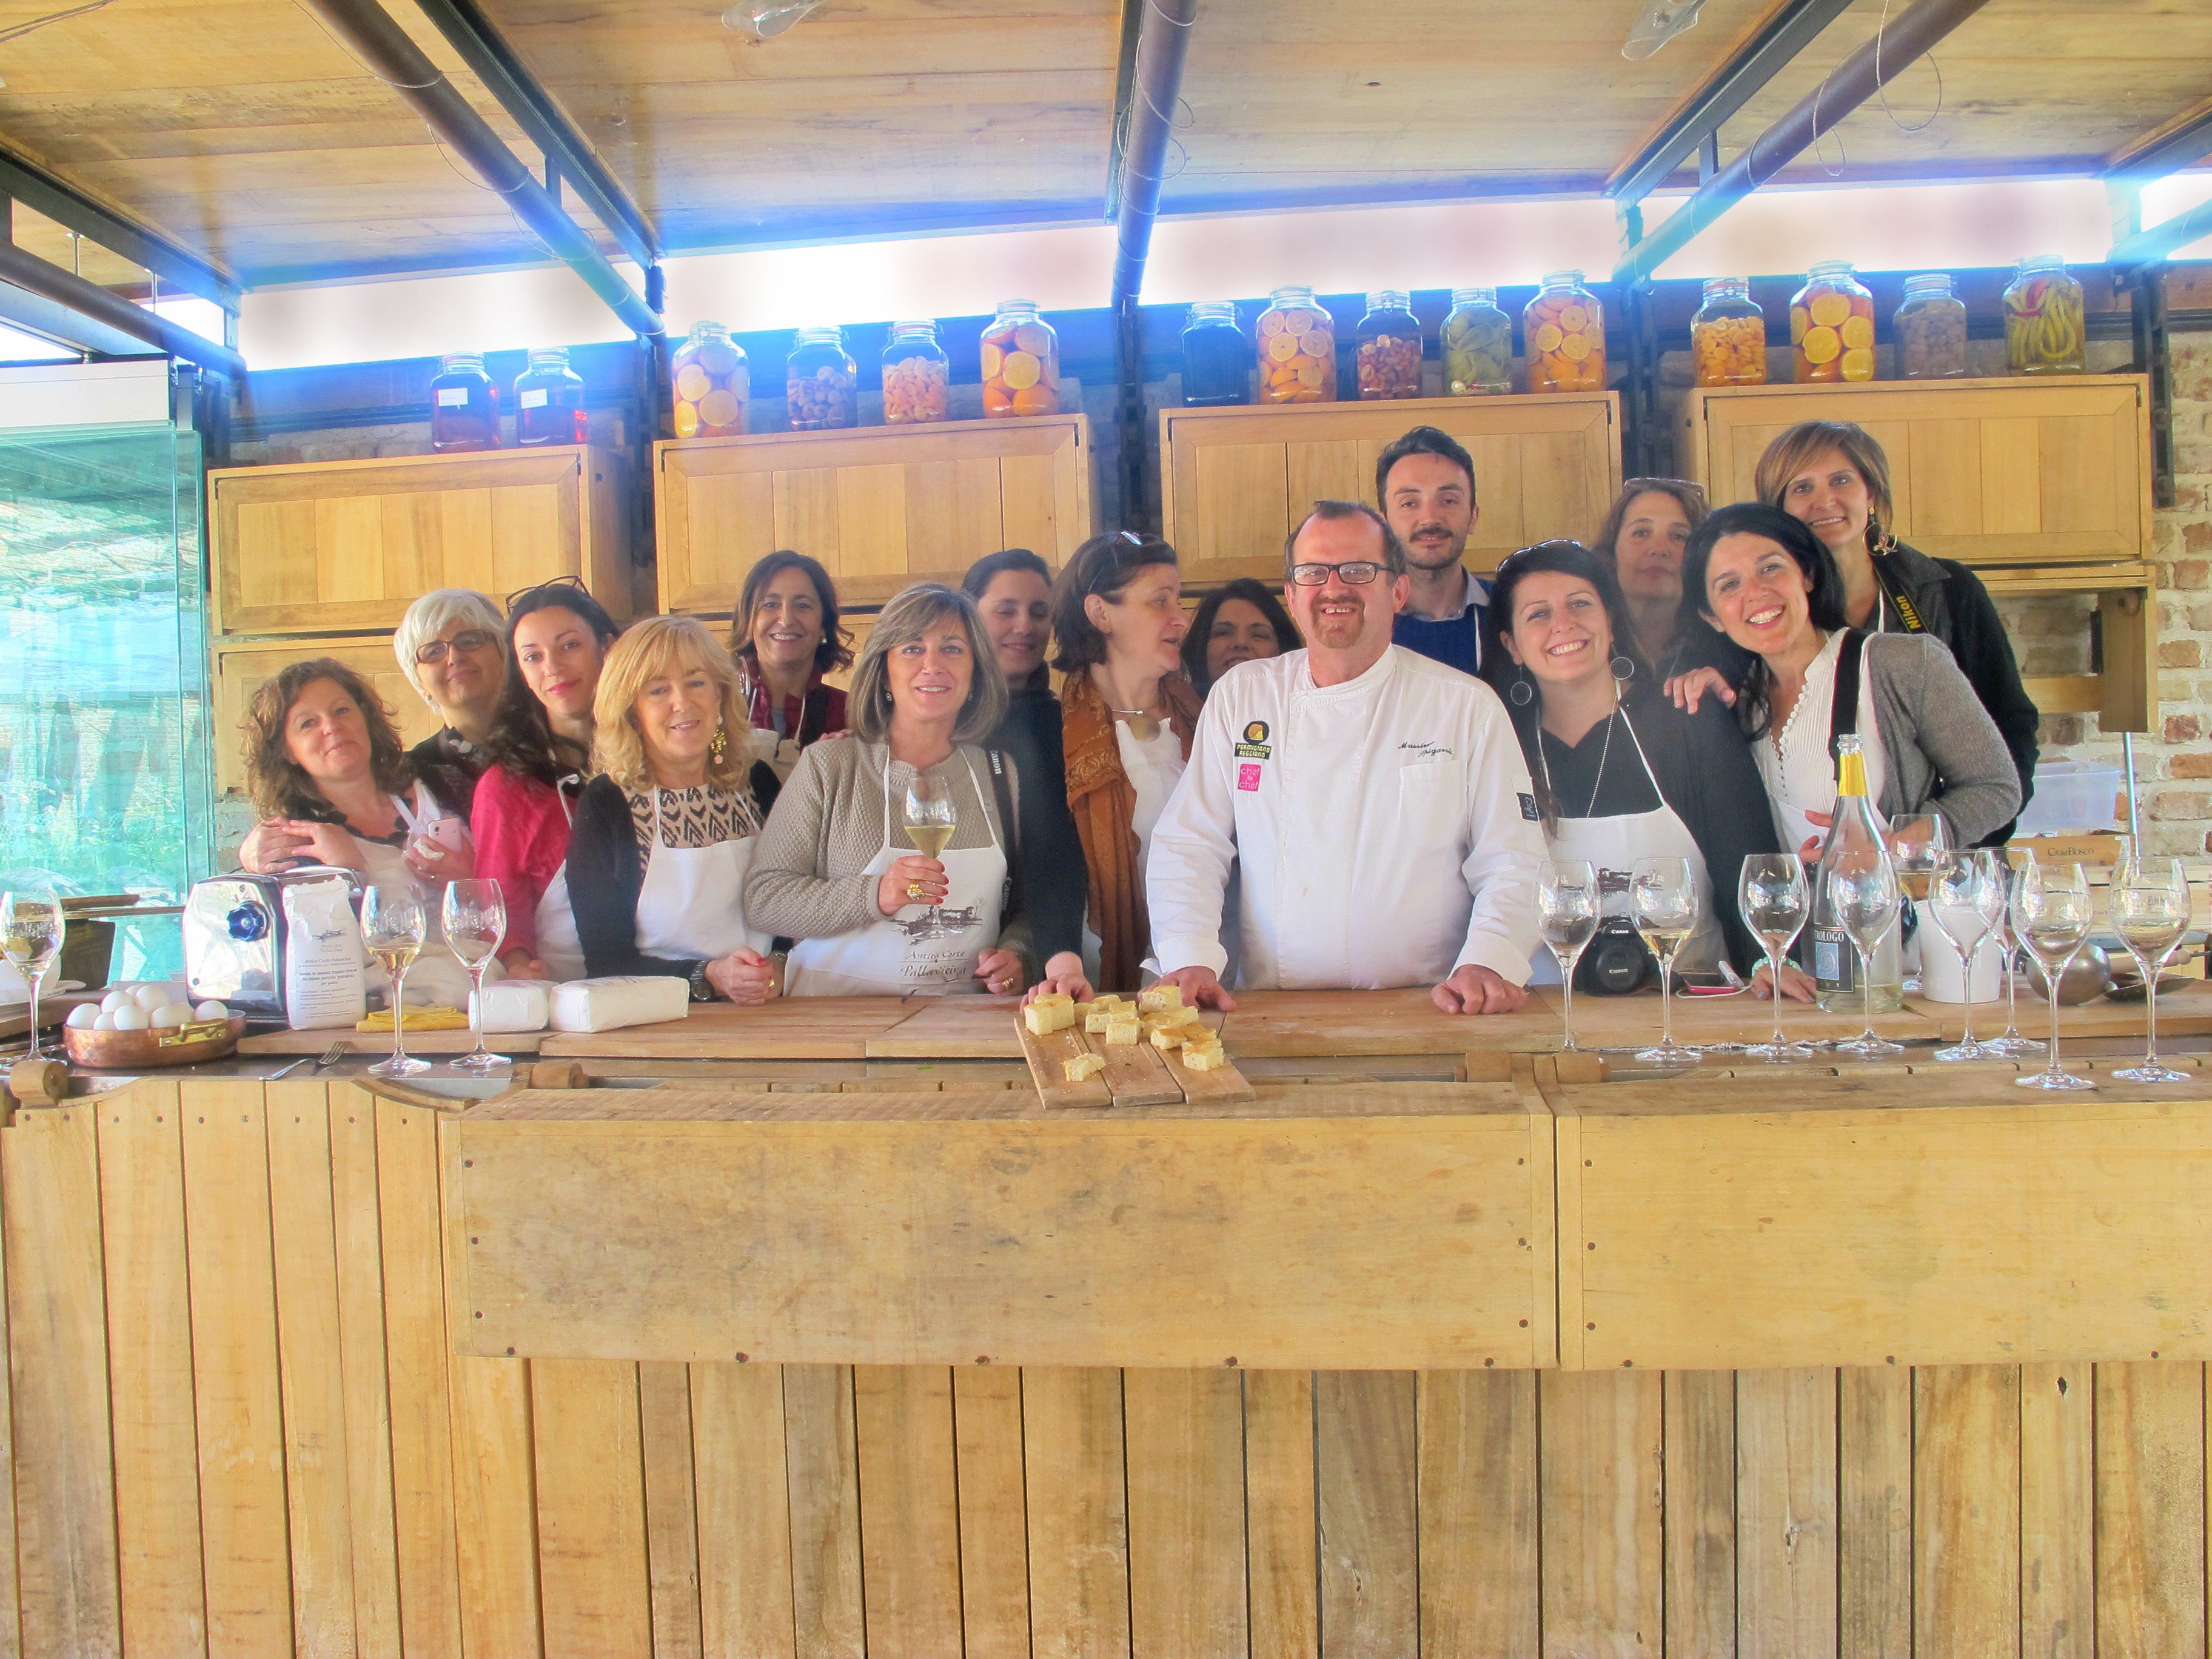 foto di Giulia Rampini per Consorzio Parmigiano Reggiano